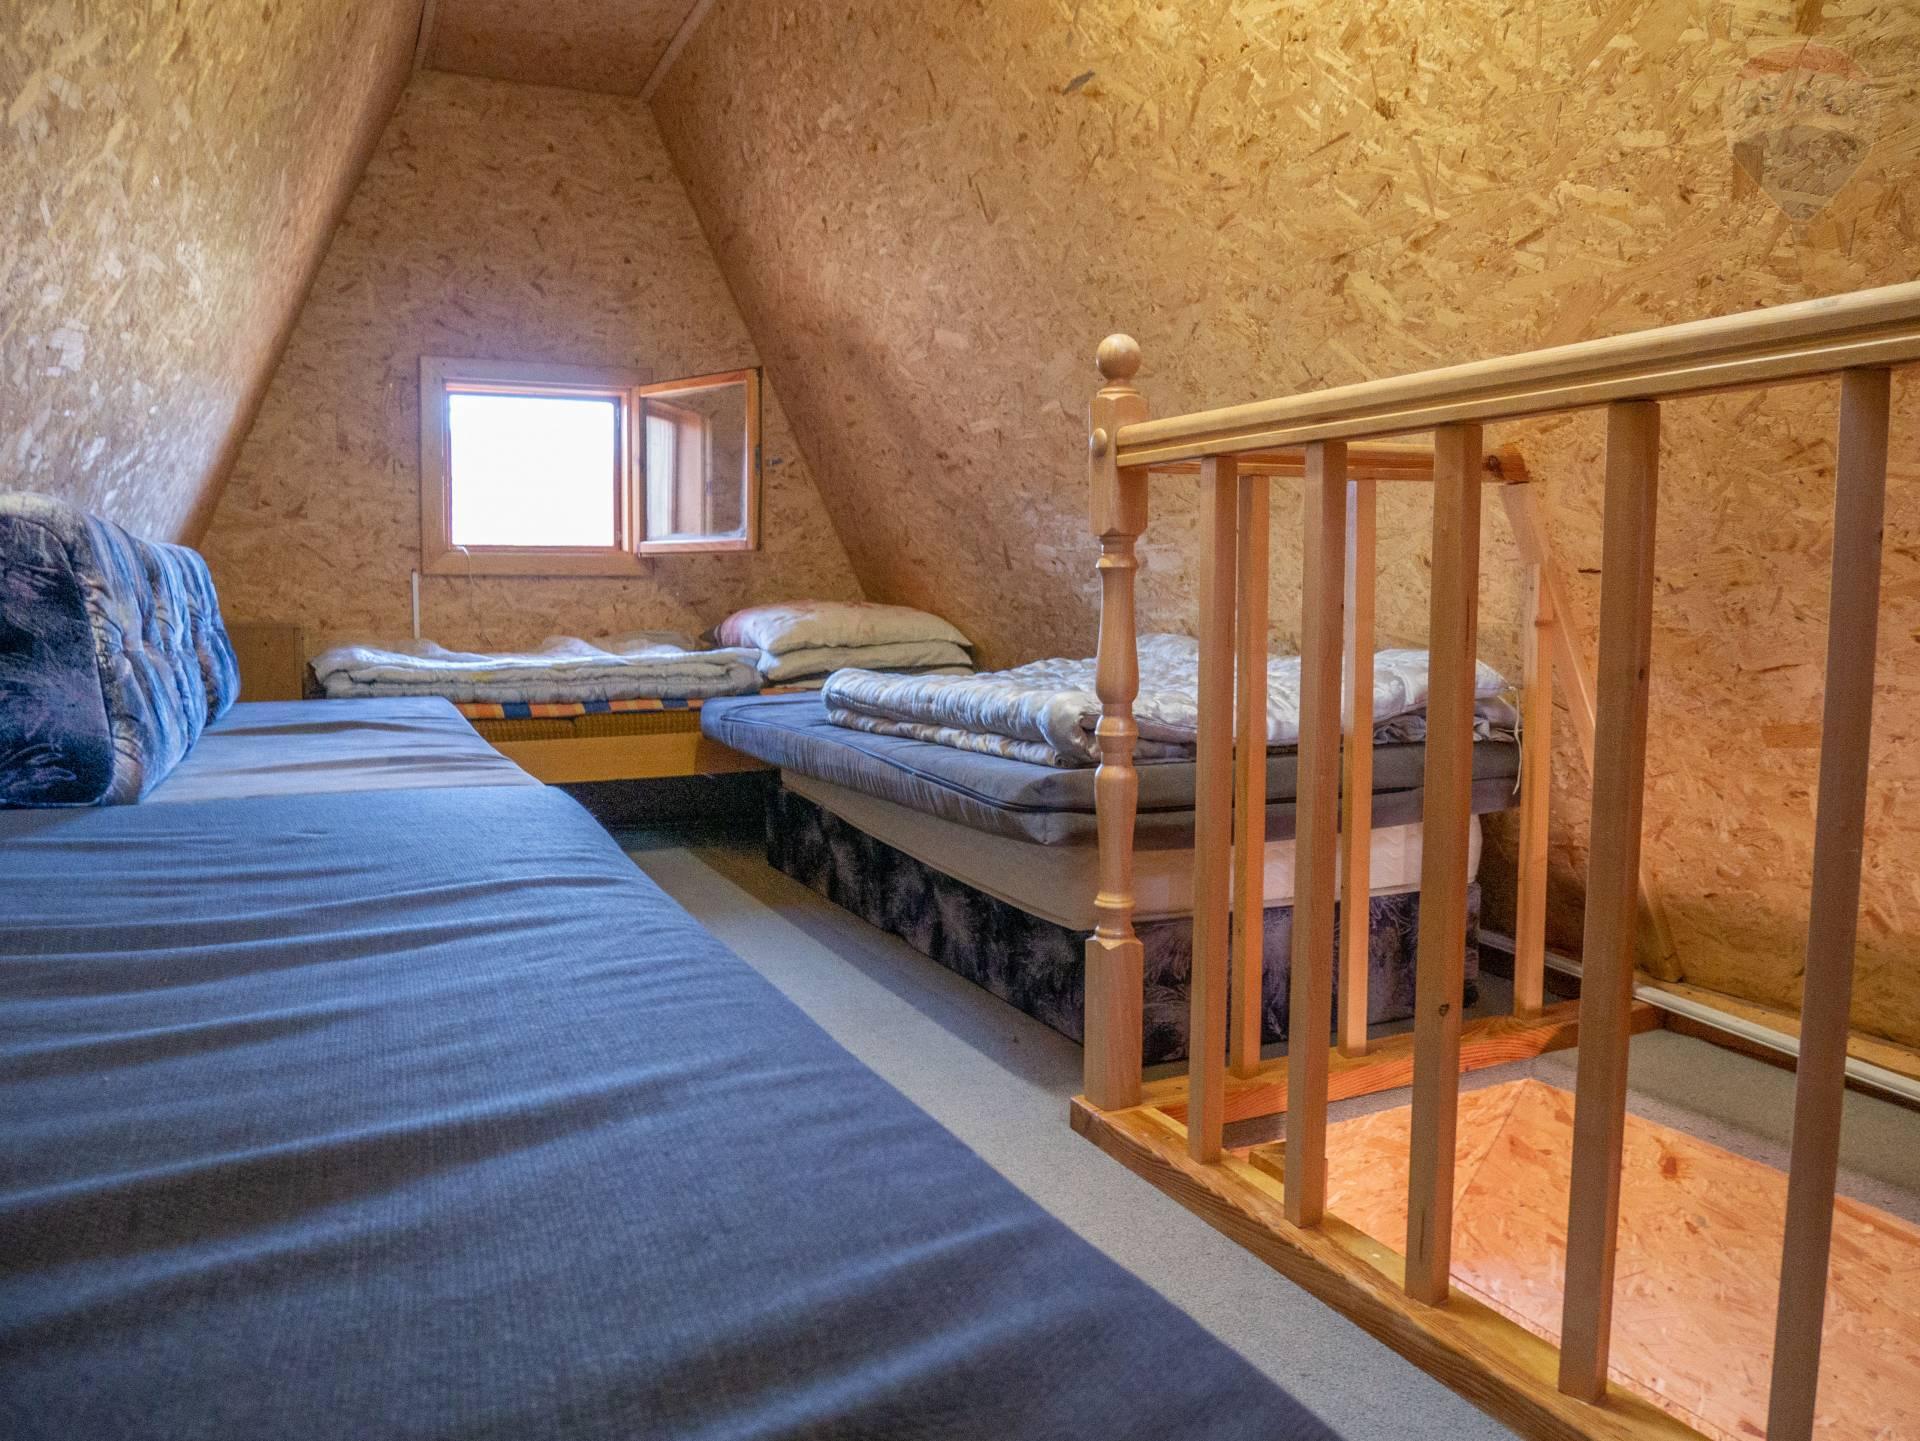 PREDAJ - Chatka s kúpeľnou! -Pozemok 797 m2 - Horná ves - Okres Prievidza